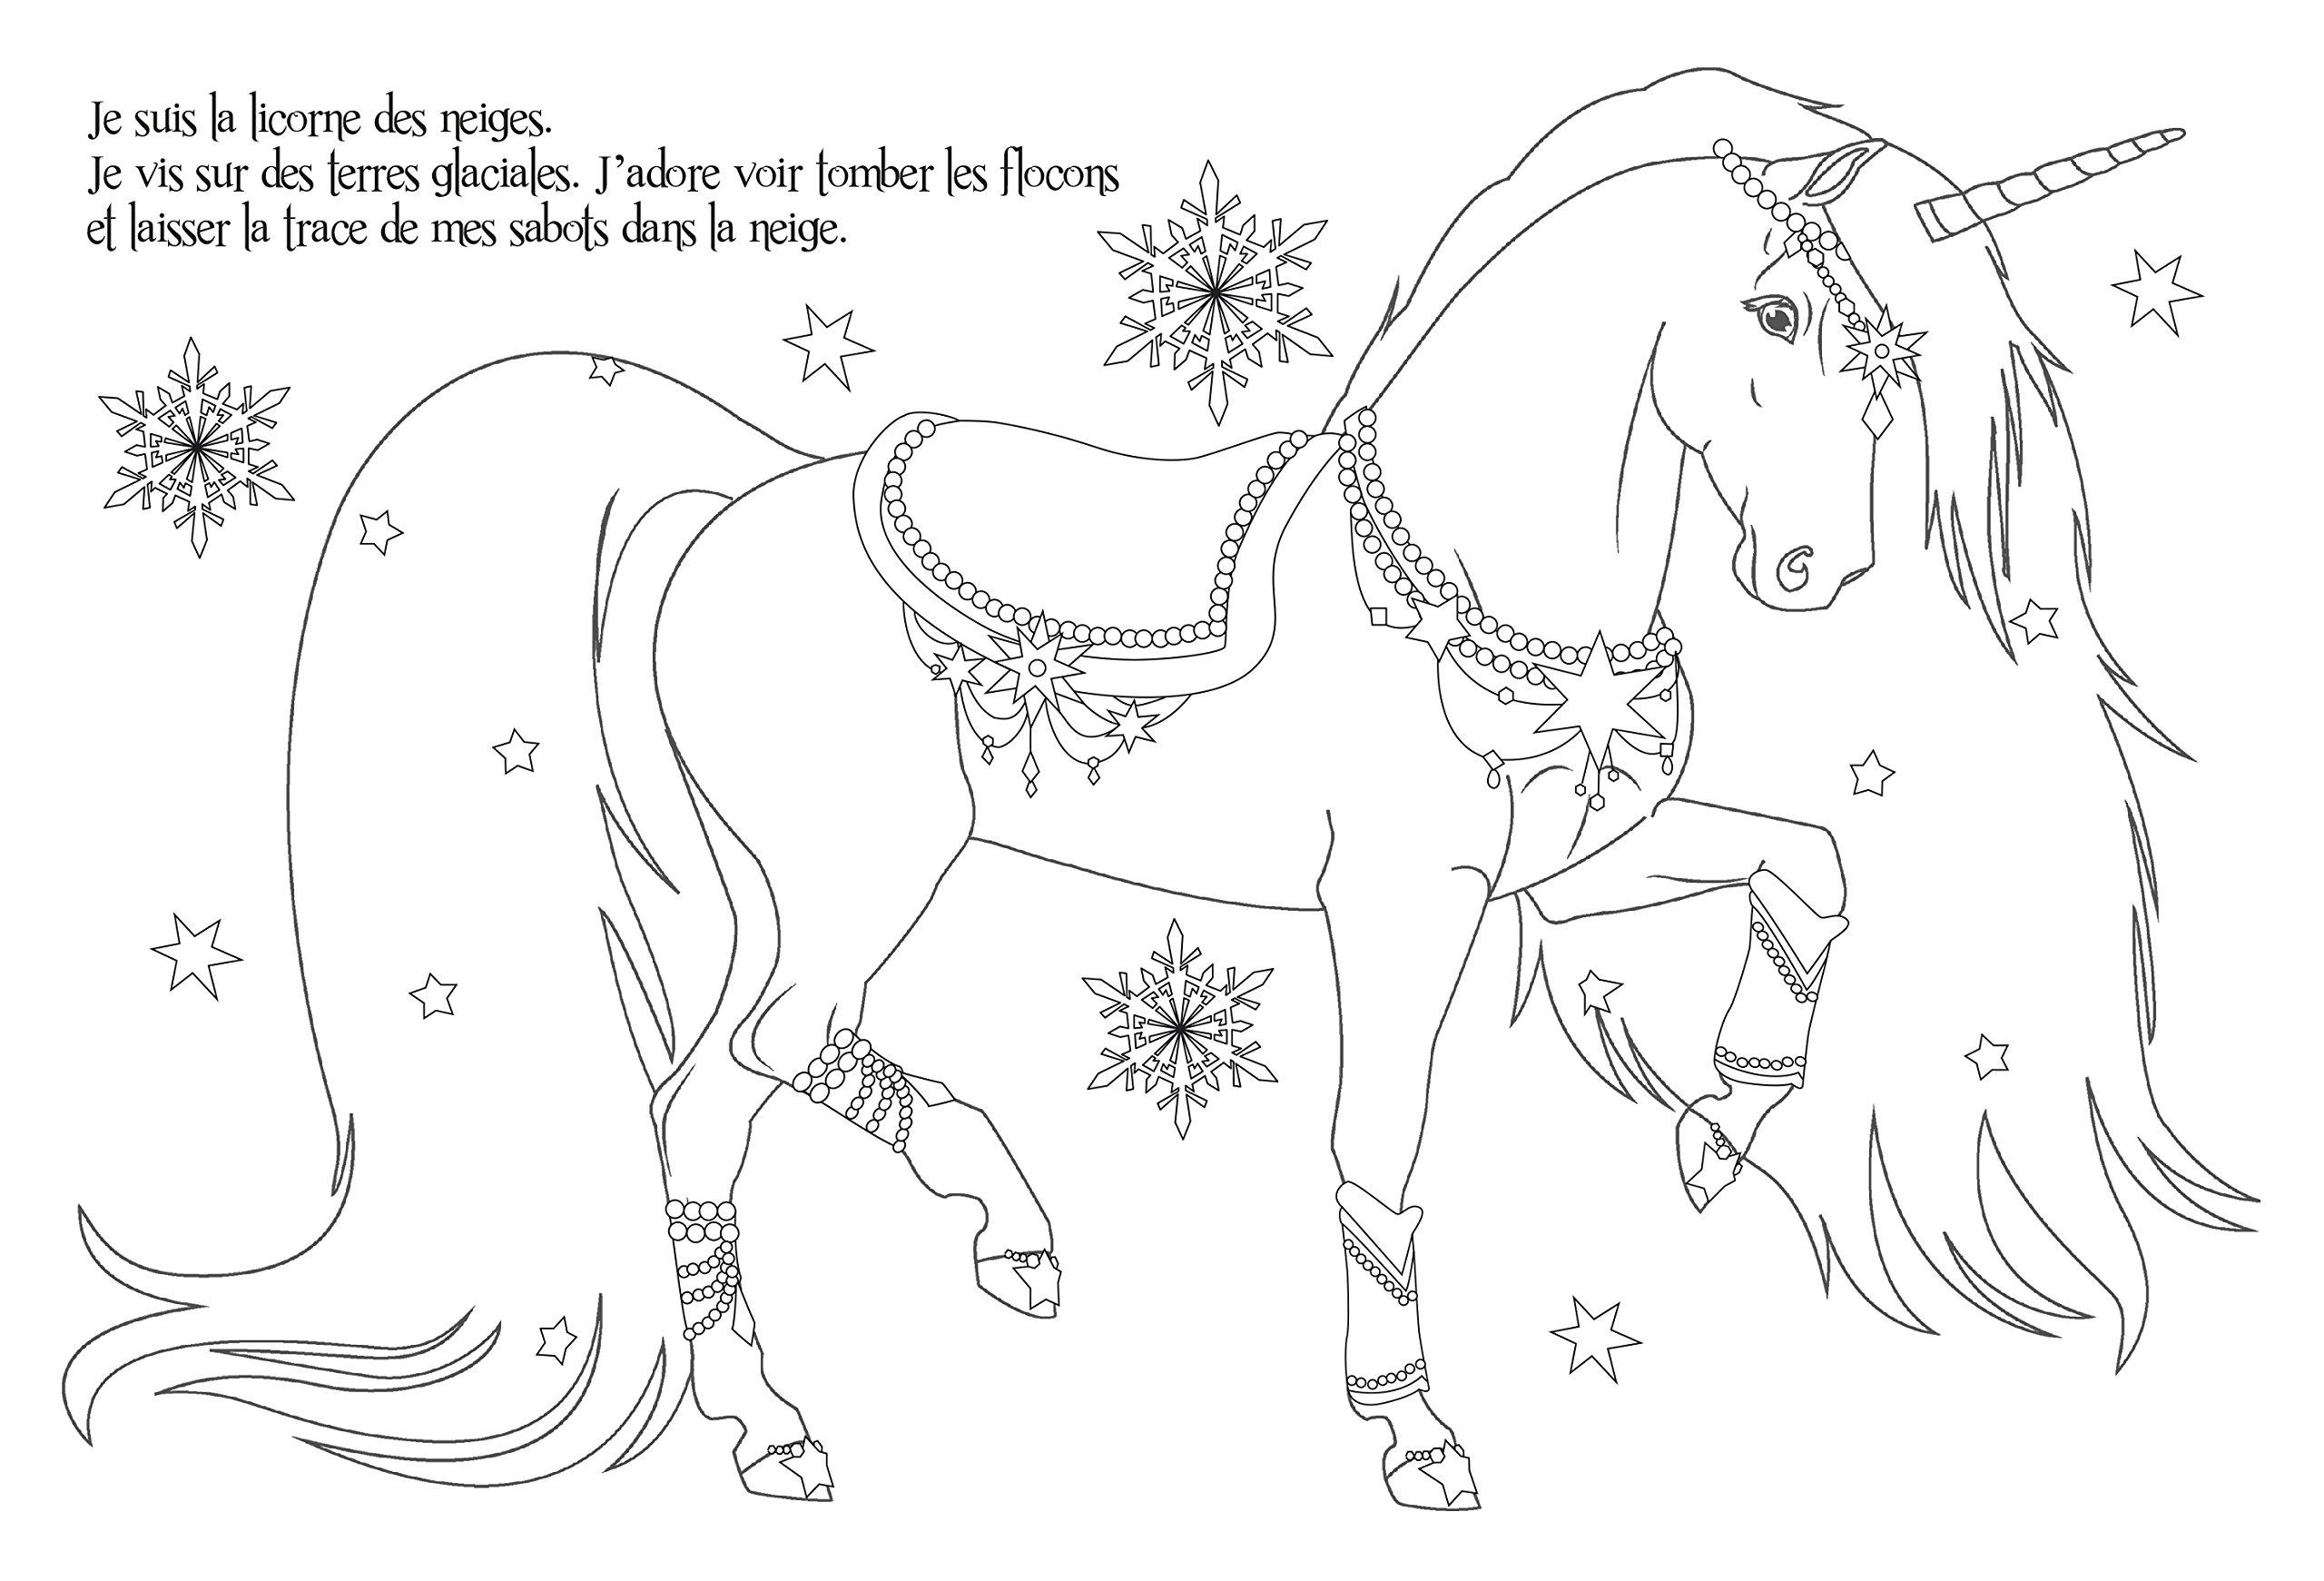 Coloriage Licorne Eau.Mes Tableaux A Colorier Et A Pailleter Animal Style Licornes